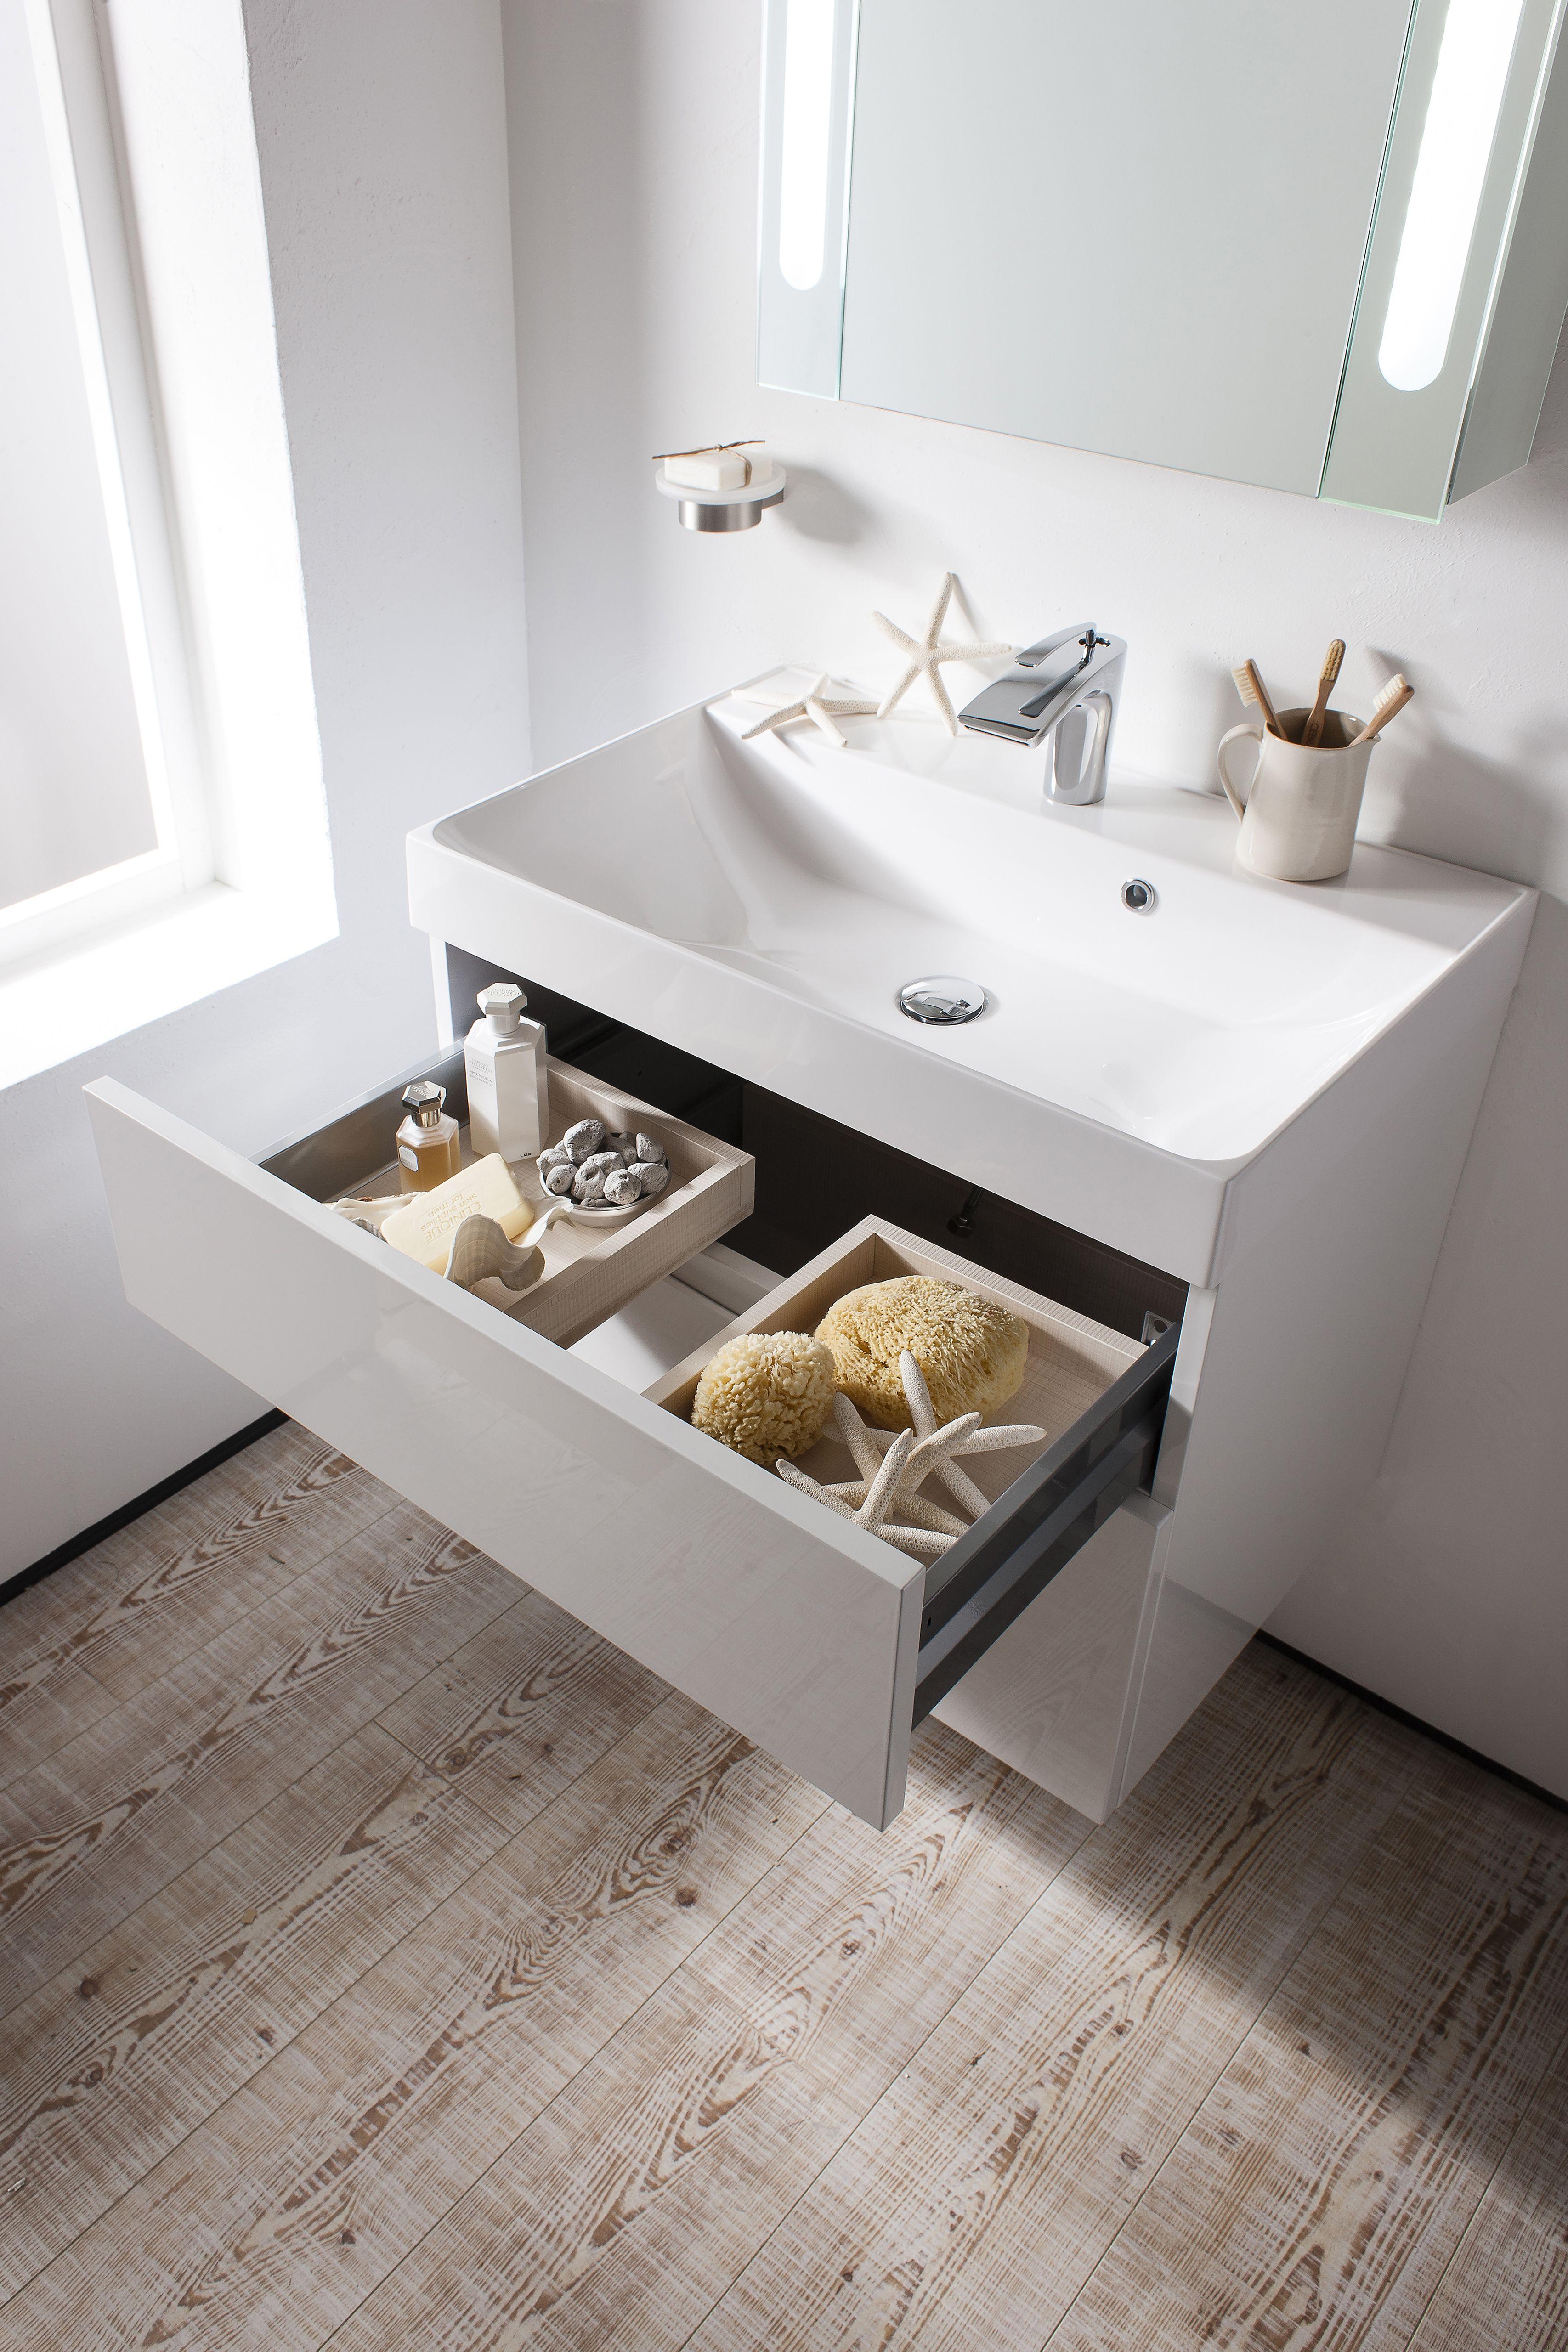 Tolle Küche Sitzkabinen Uk Fotos - Ideen Für Die Küche Dekoration ...